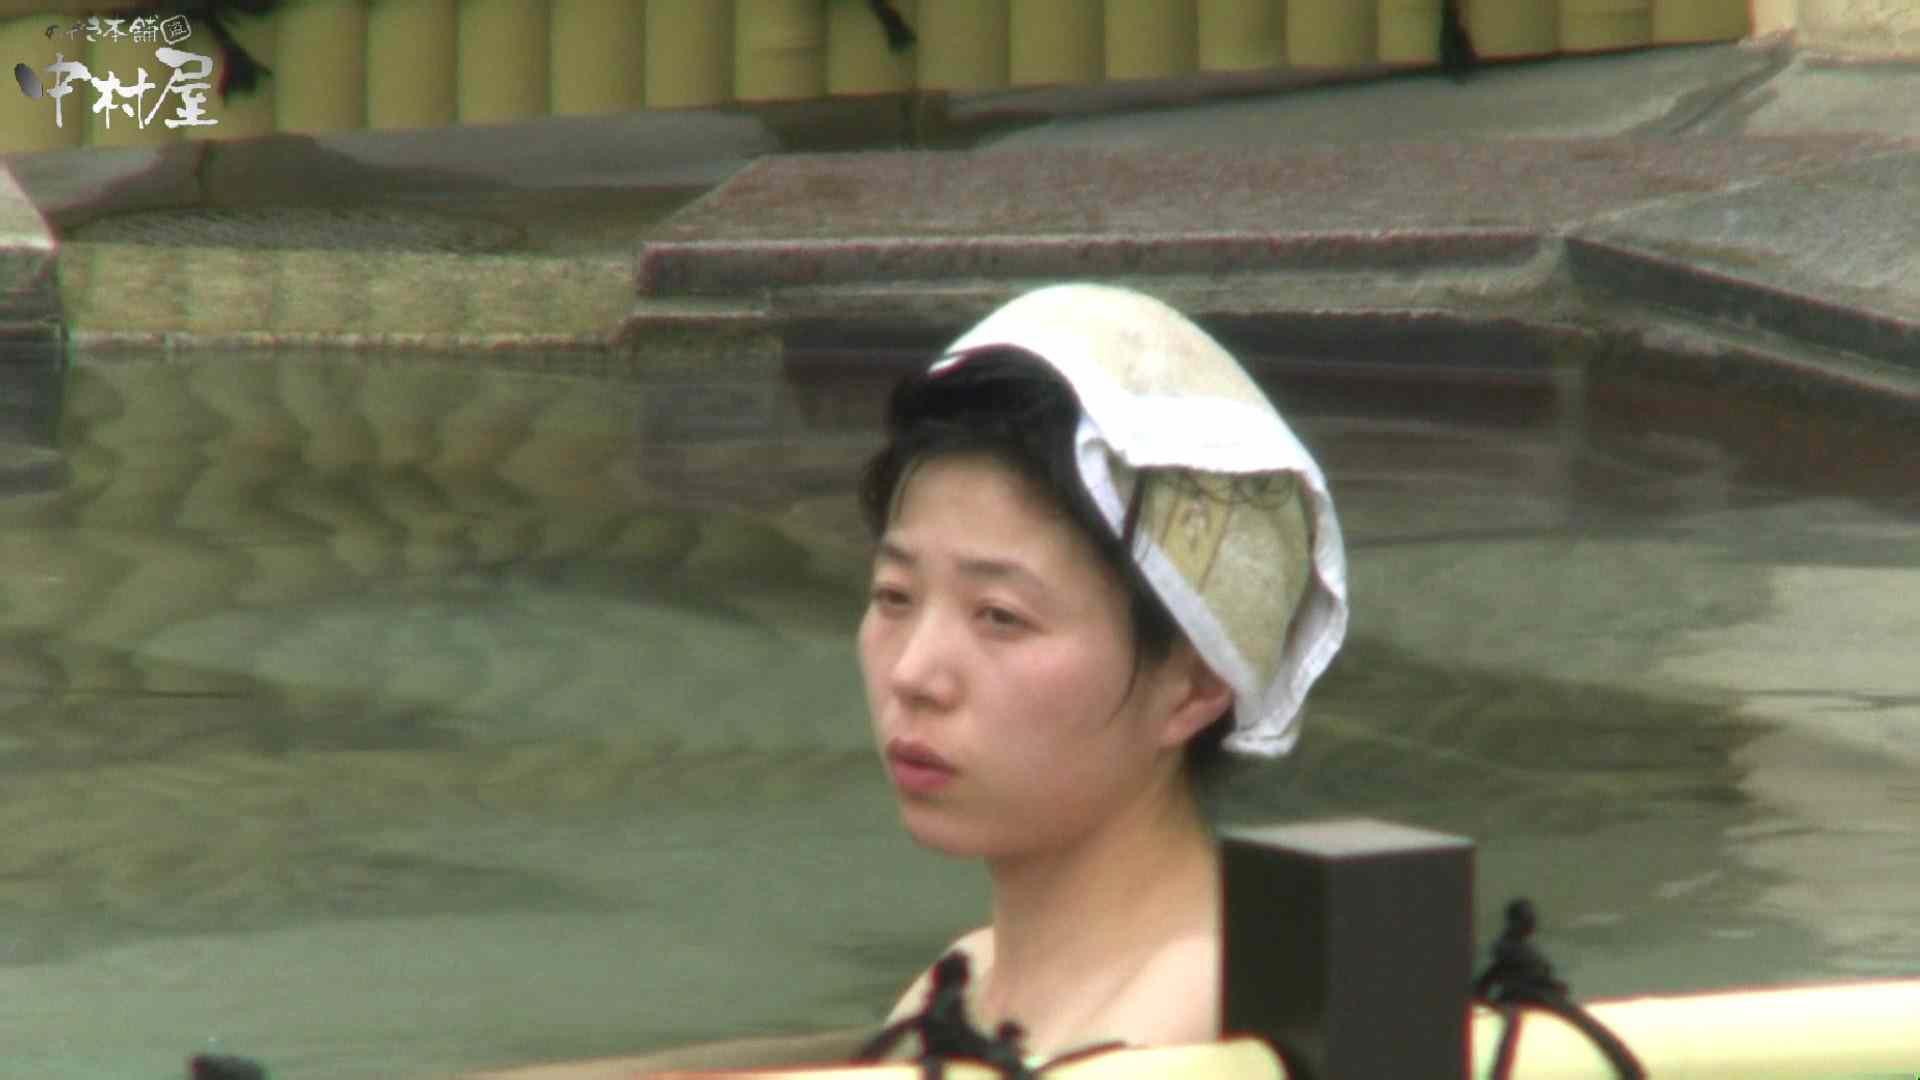 Aquaな露天風呂Vol.950 OLのエロ生活 覗きおまんこ画像 107連発 92